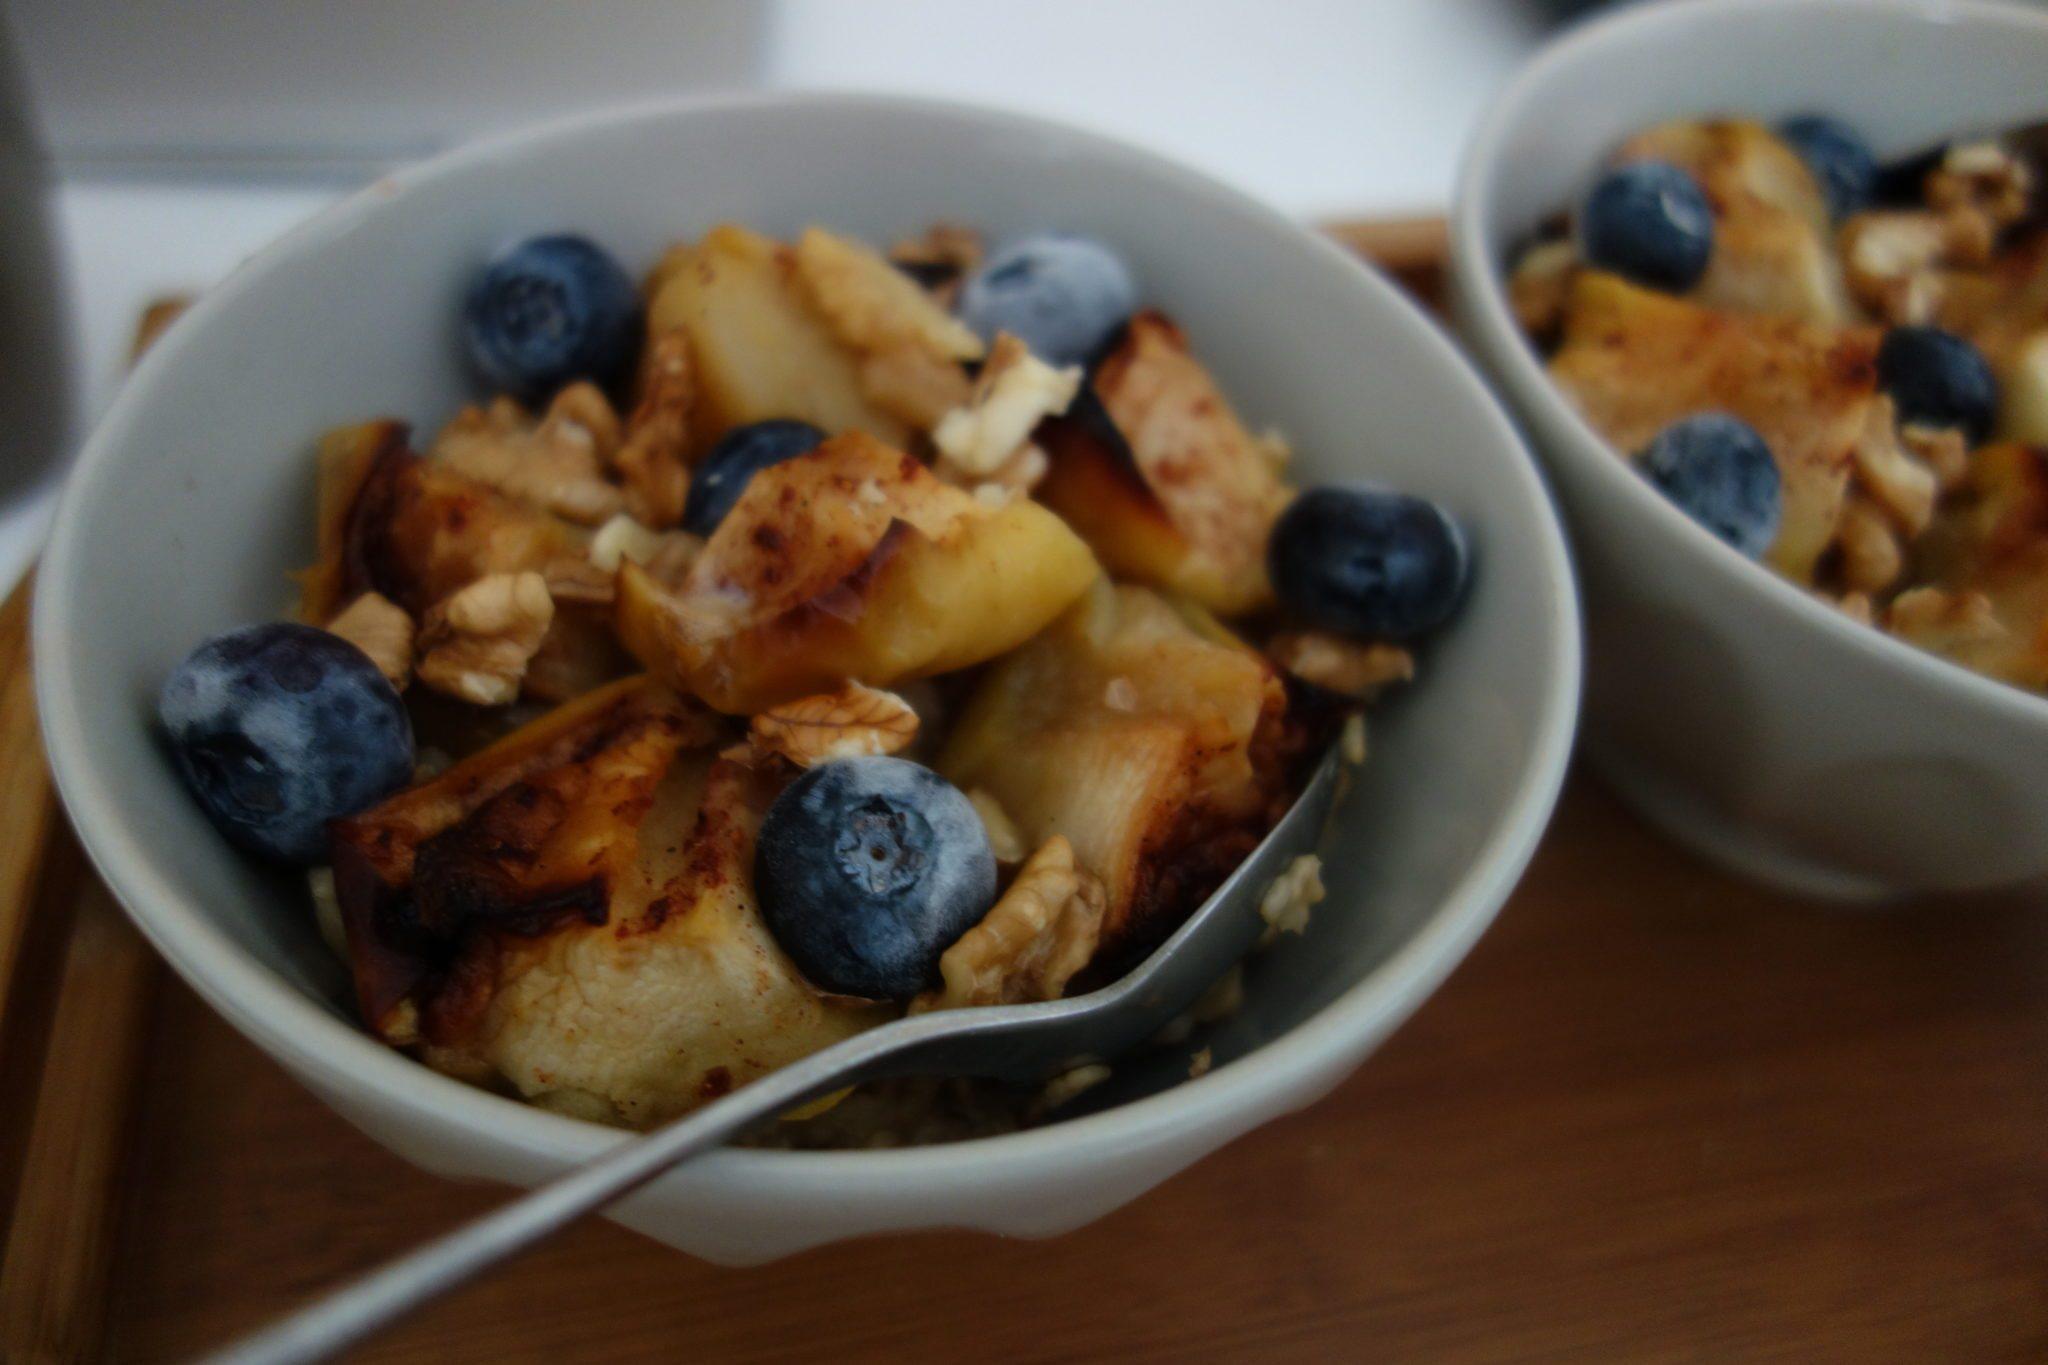 Summer healthy breakfast: Apple blueberries oatmeal